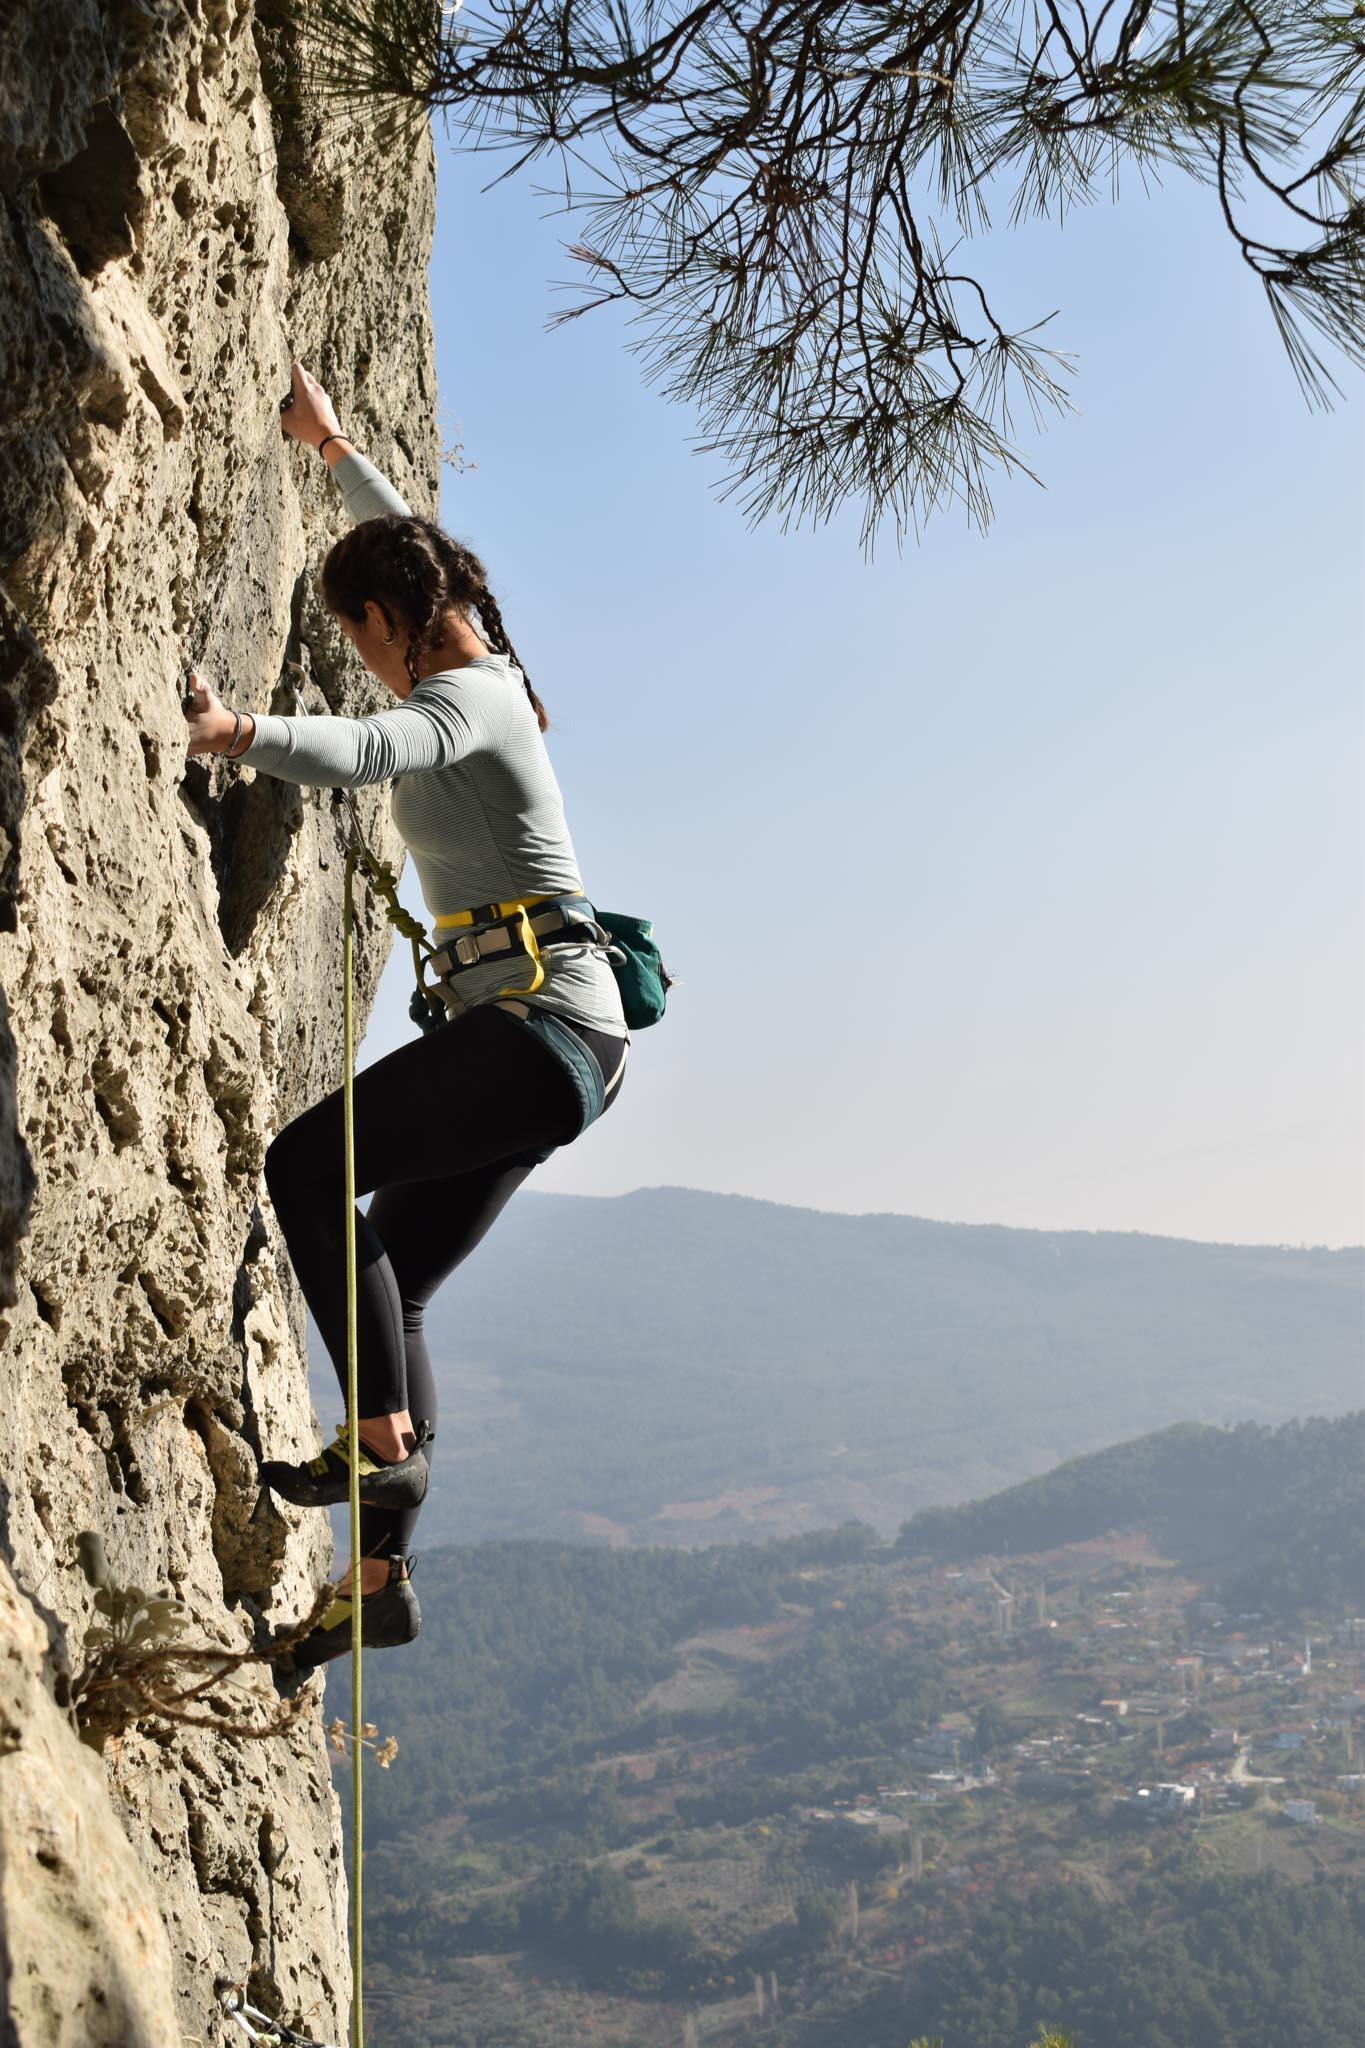 nursen yılmaz lider tırmanış sarıkaya